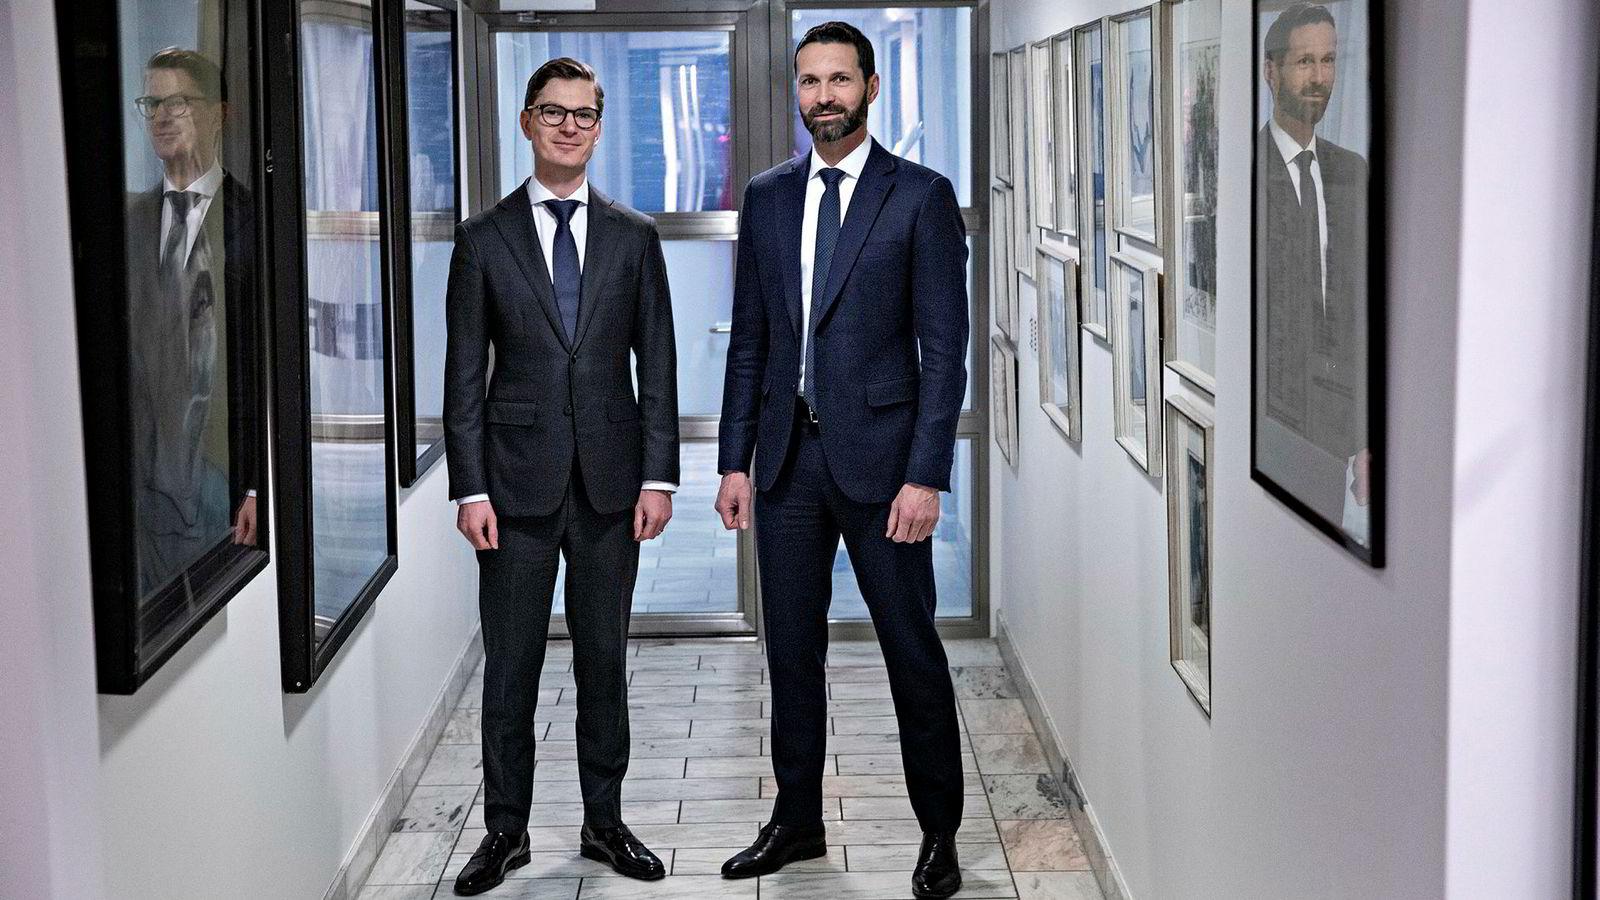 Porteføljeforvalterne Arne Simensen (til venstre) og Erlend Lødemel i Fondsfinans tror verdensøkonomien vil vokse saktere i år enn i fjor, men ser likevel lyst på markedsutsiktene.